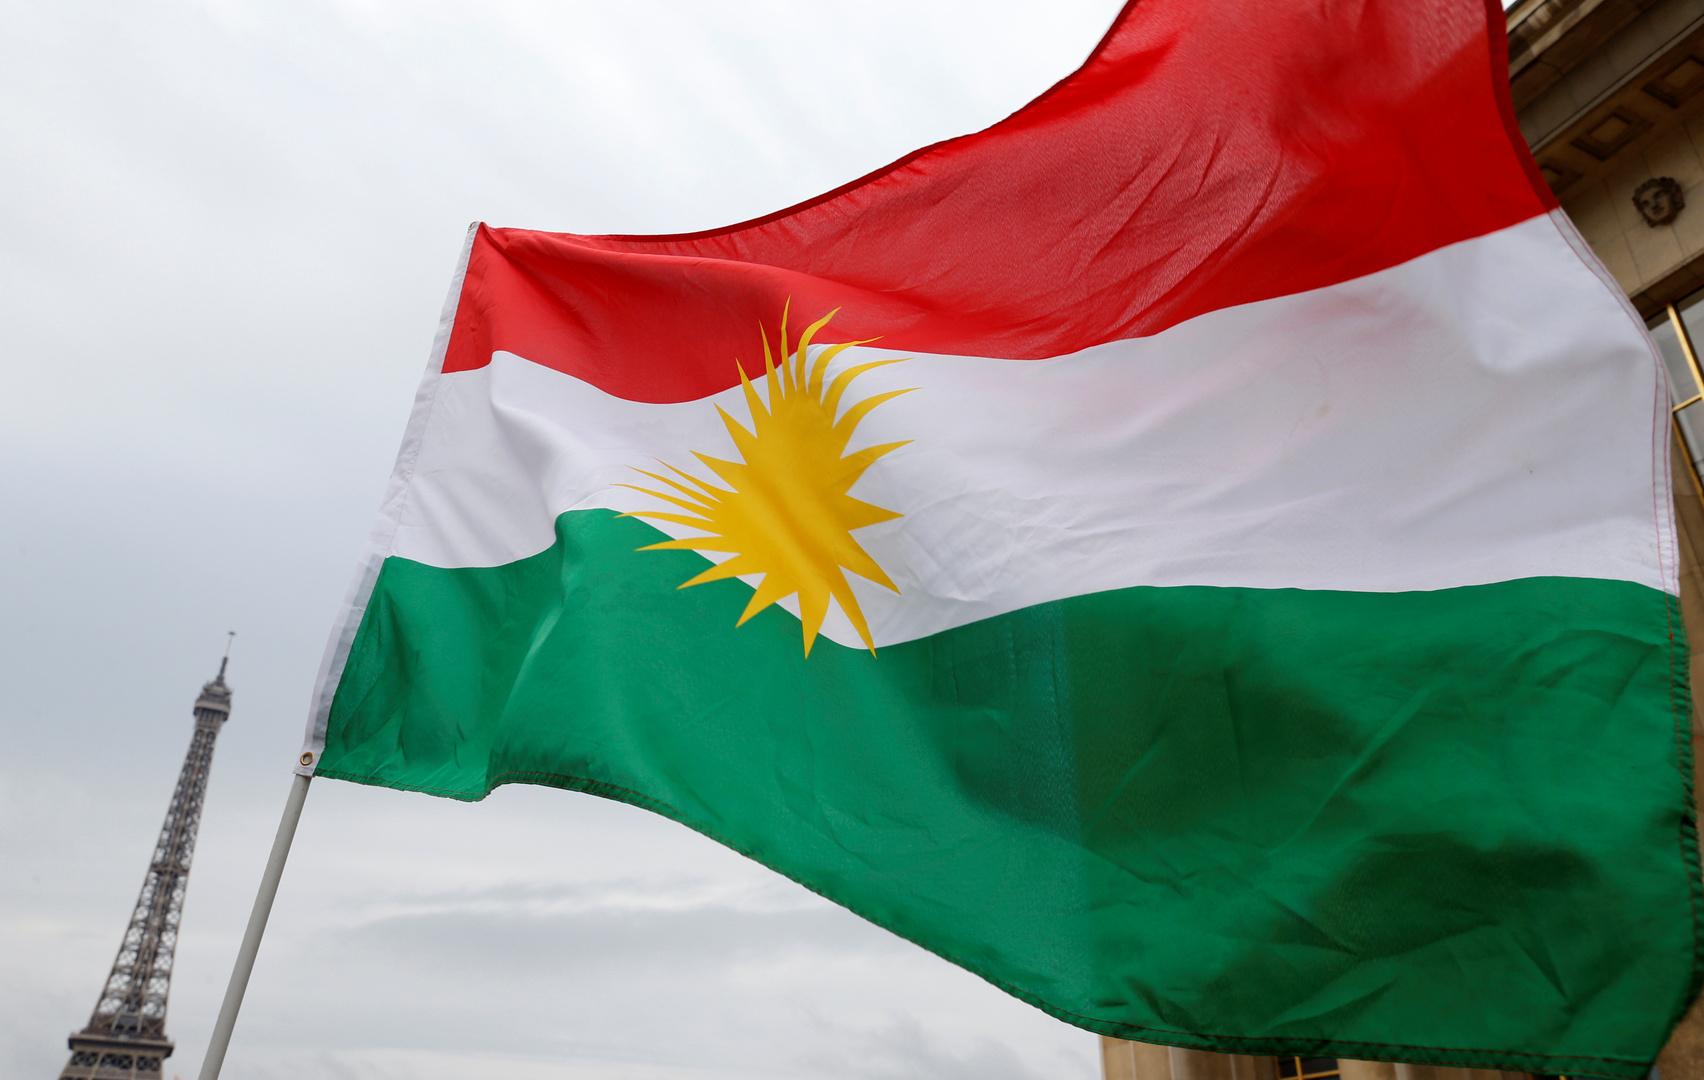 حكومة إقليم كردستان تنفي استهداف مقر إسرائيلي في أربيل